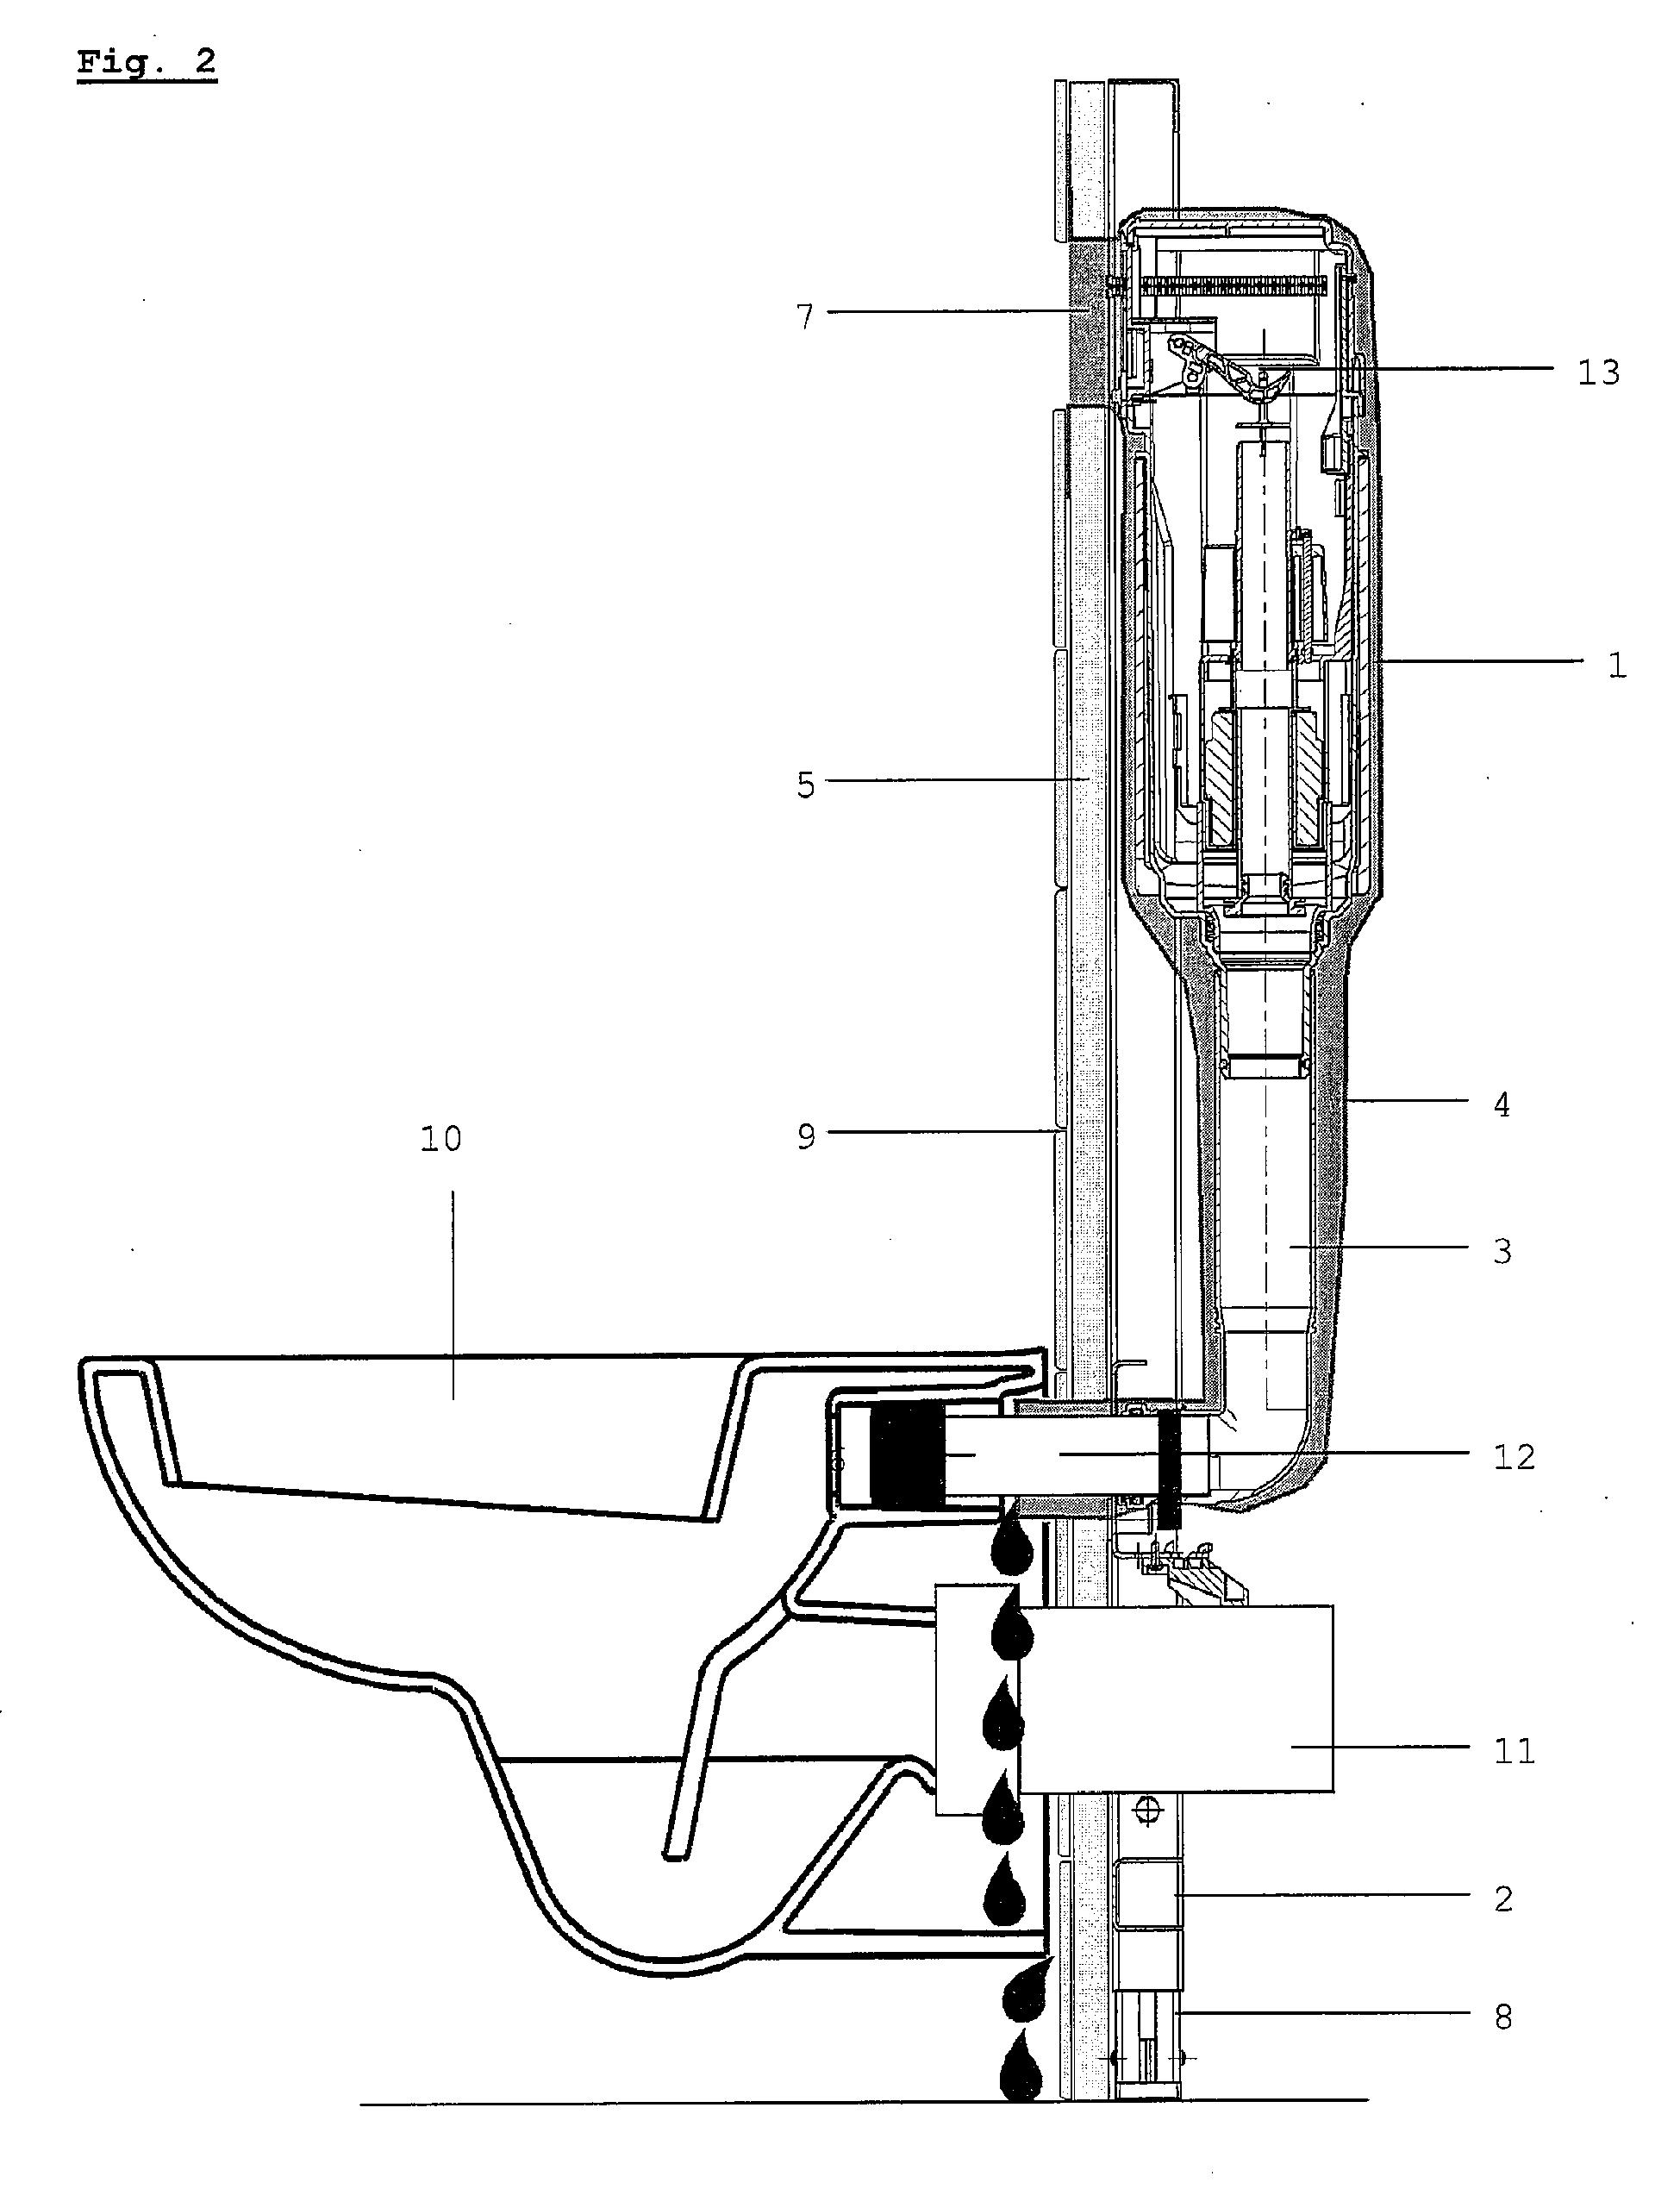 patent ep2397613a1 einbausp lkasten mit feuchte und. Black Bedroom Furniture Sets. Home Design Ideas